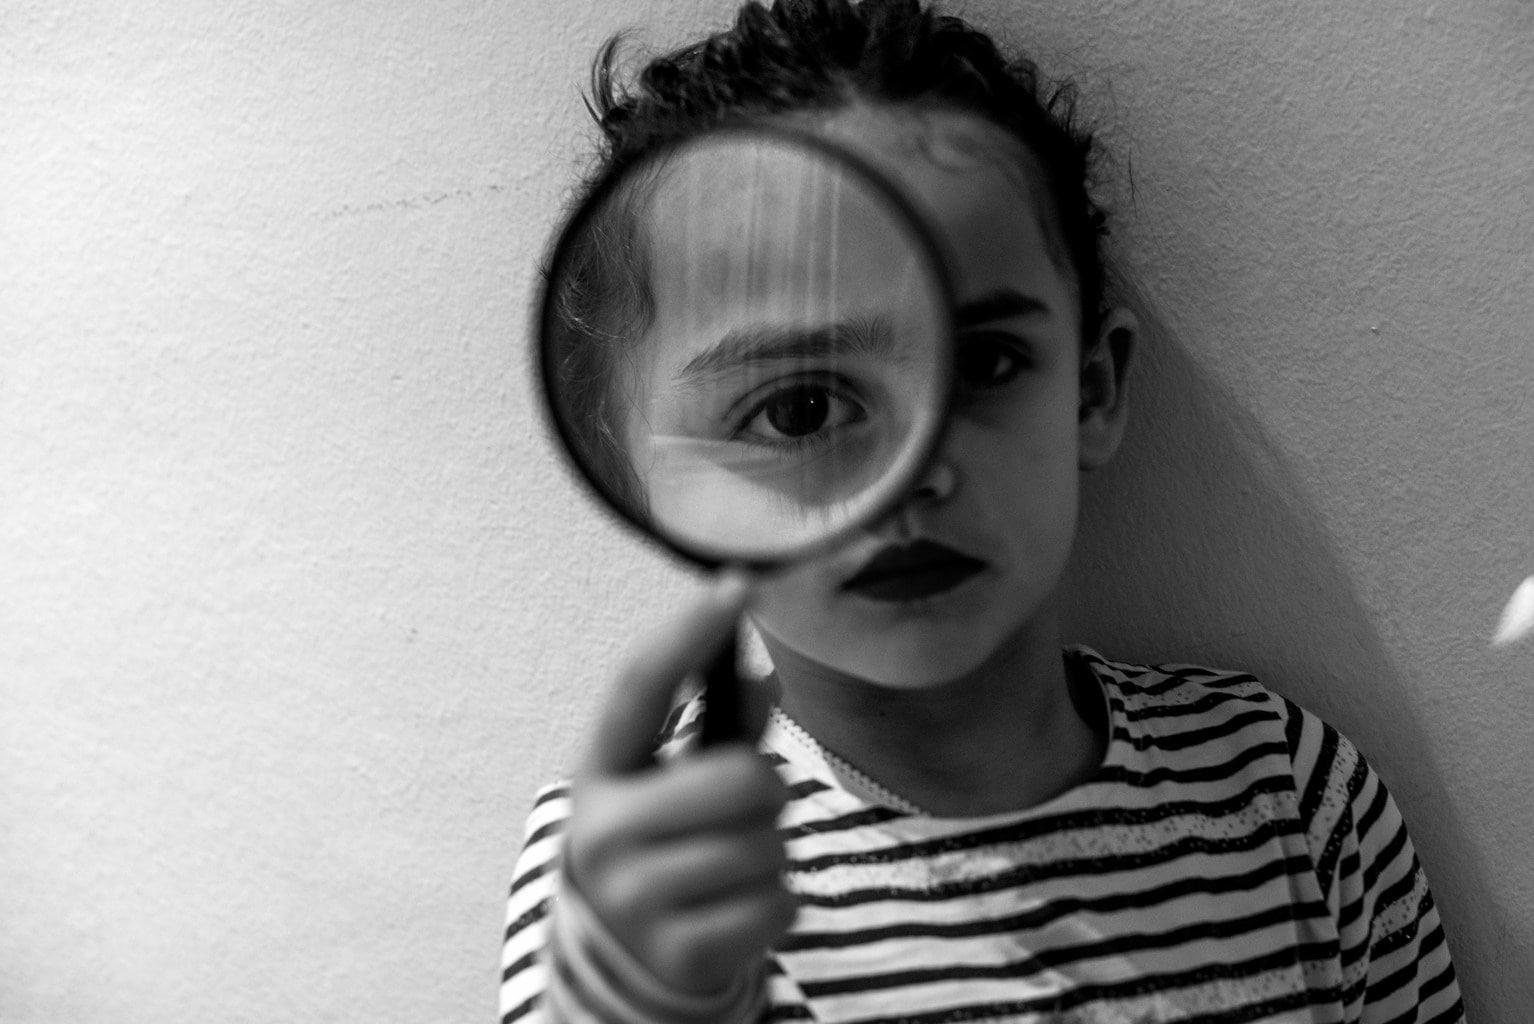 retrato de una niña con una lupa